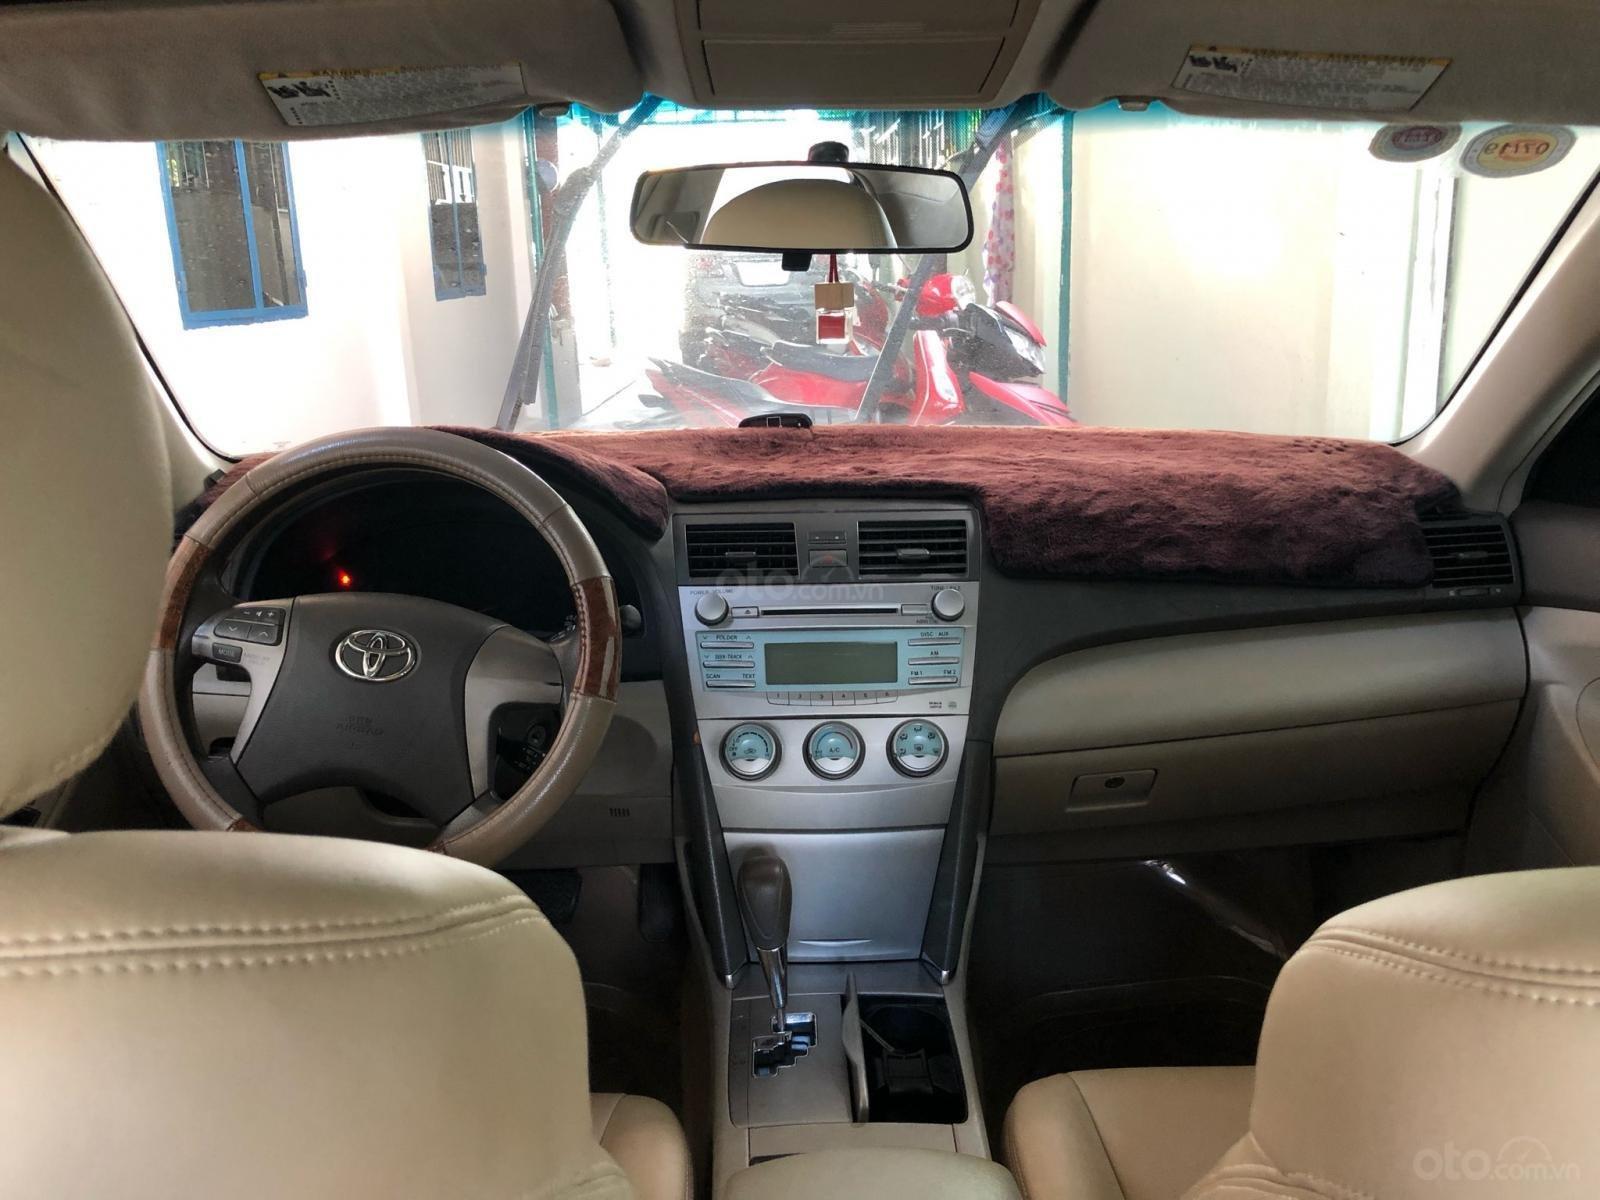 Cần bán xe Toyota Camry 2007 nhập khẩu Mỹ, máy 3.5, màu kem, đi được 90.000km-4